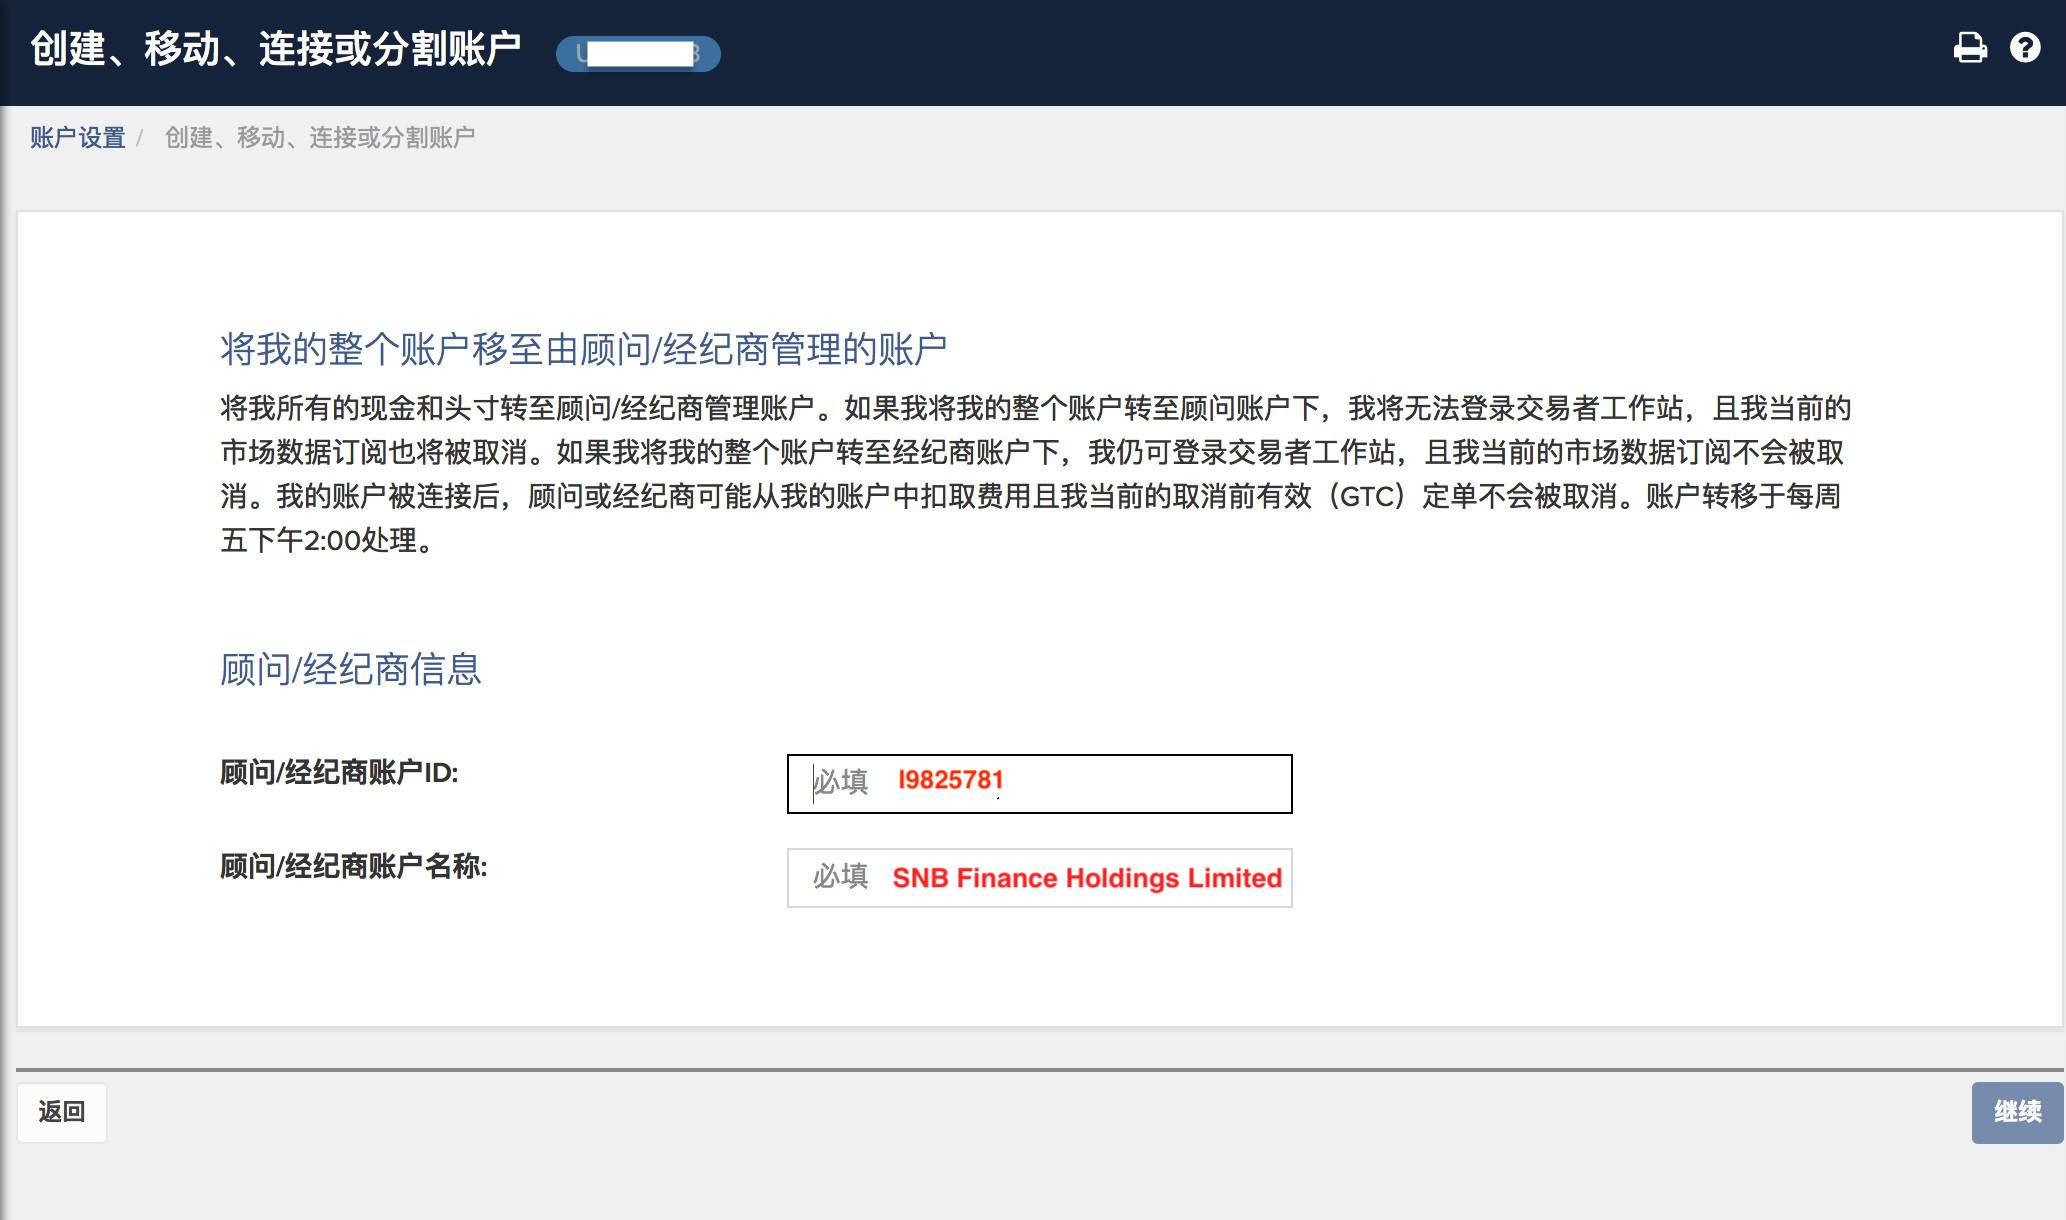 雪盈证券港美股开户+绑定盈透证券指南(2021最新版)